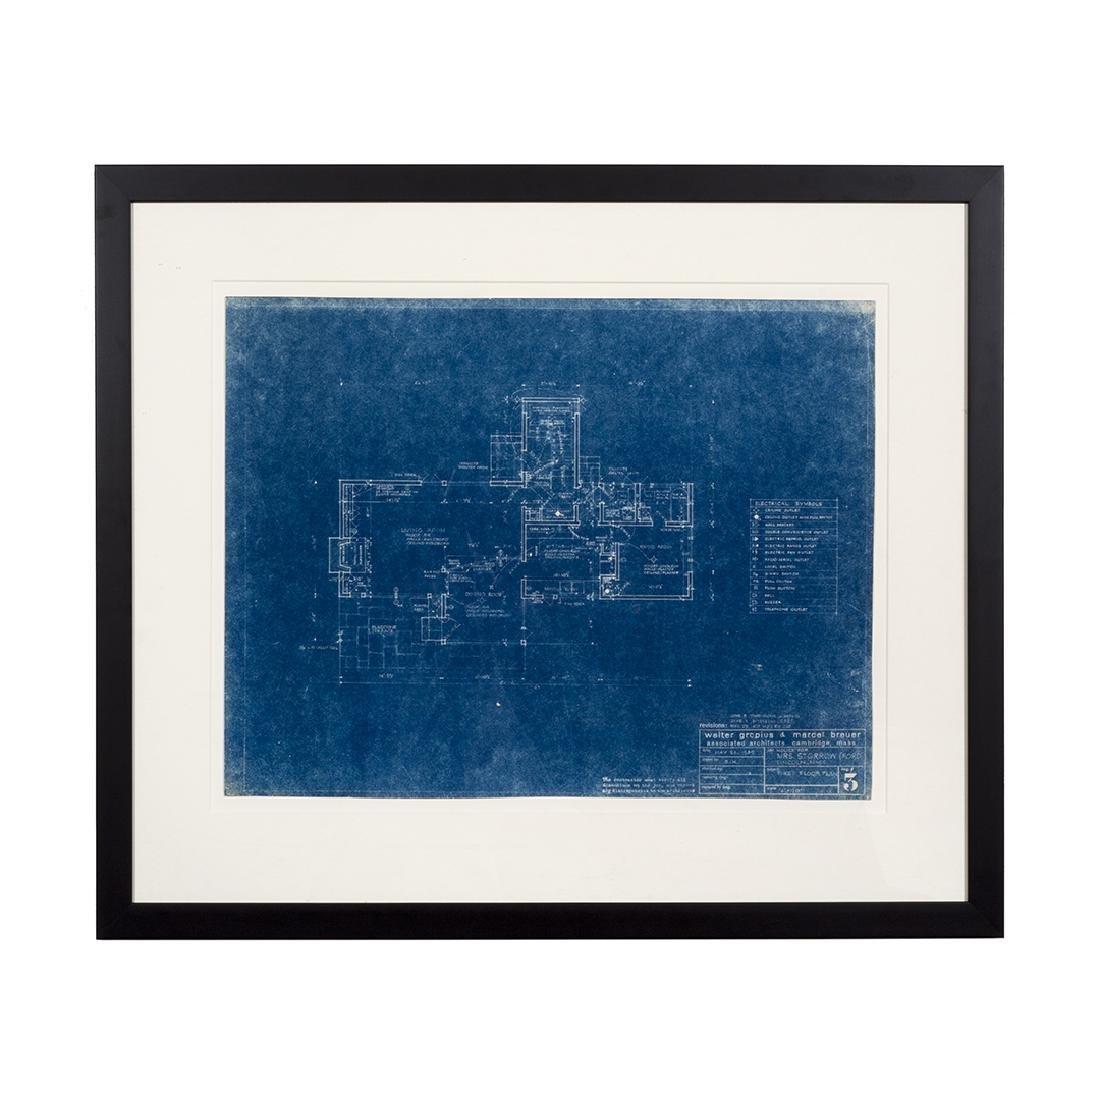 Walter Gropius and Marcel Breuer Blueprint